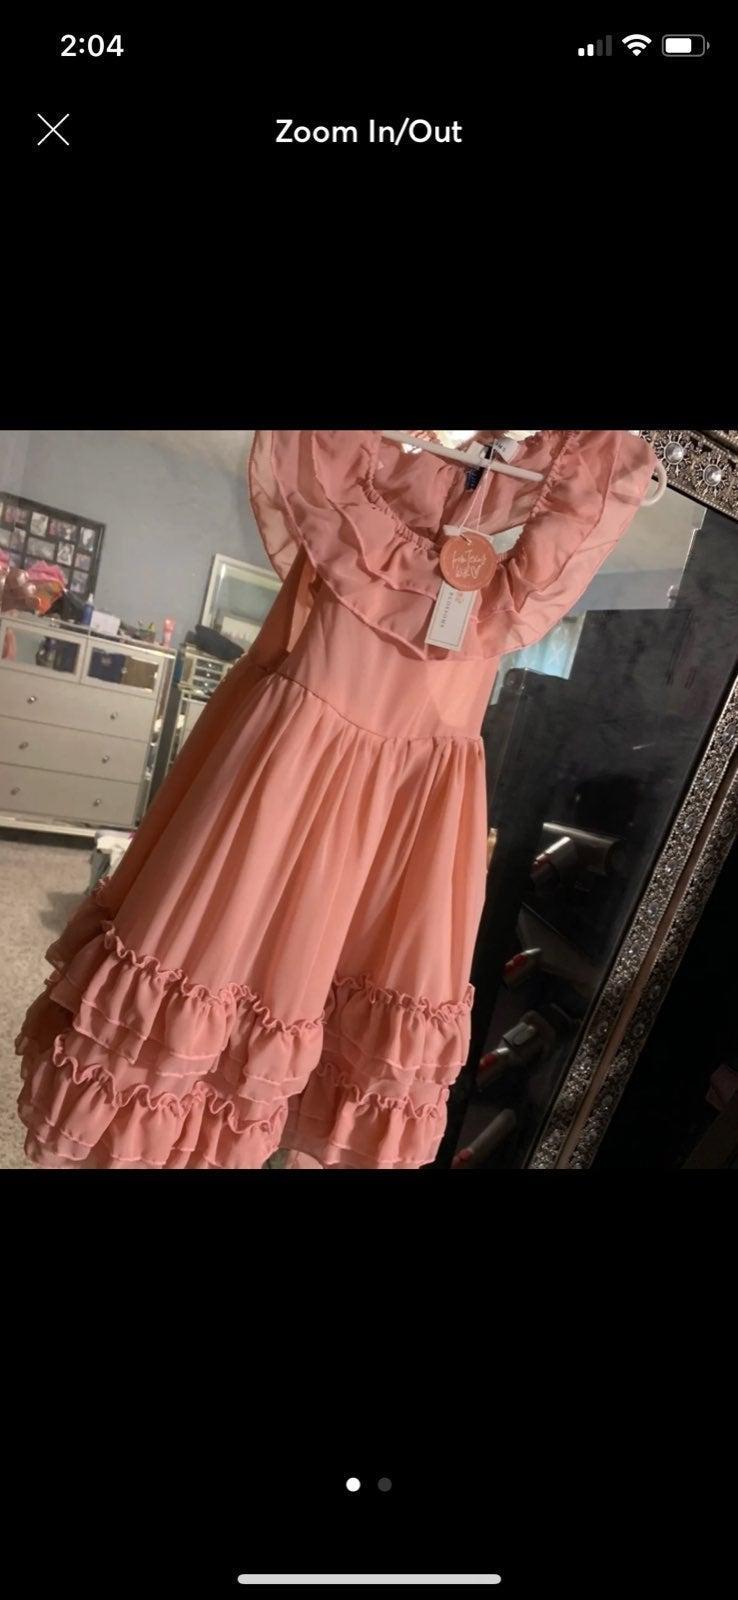 Bailey's Blossoms Boutique Dress